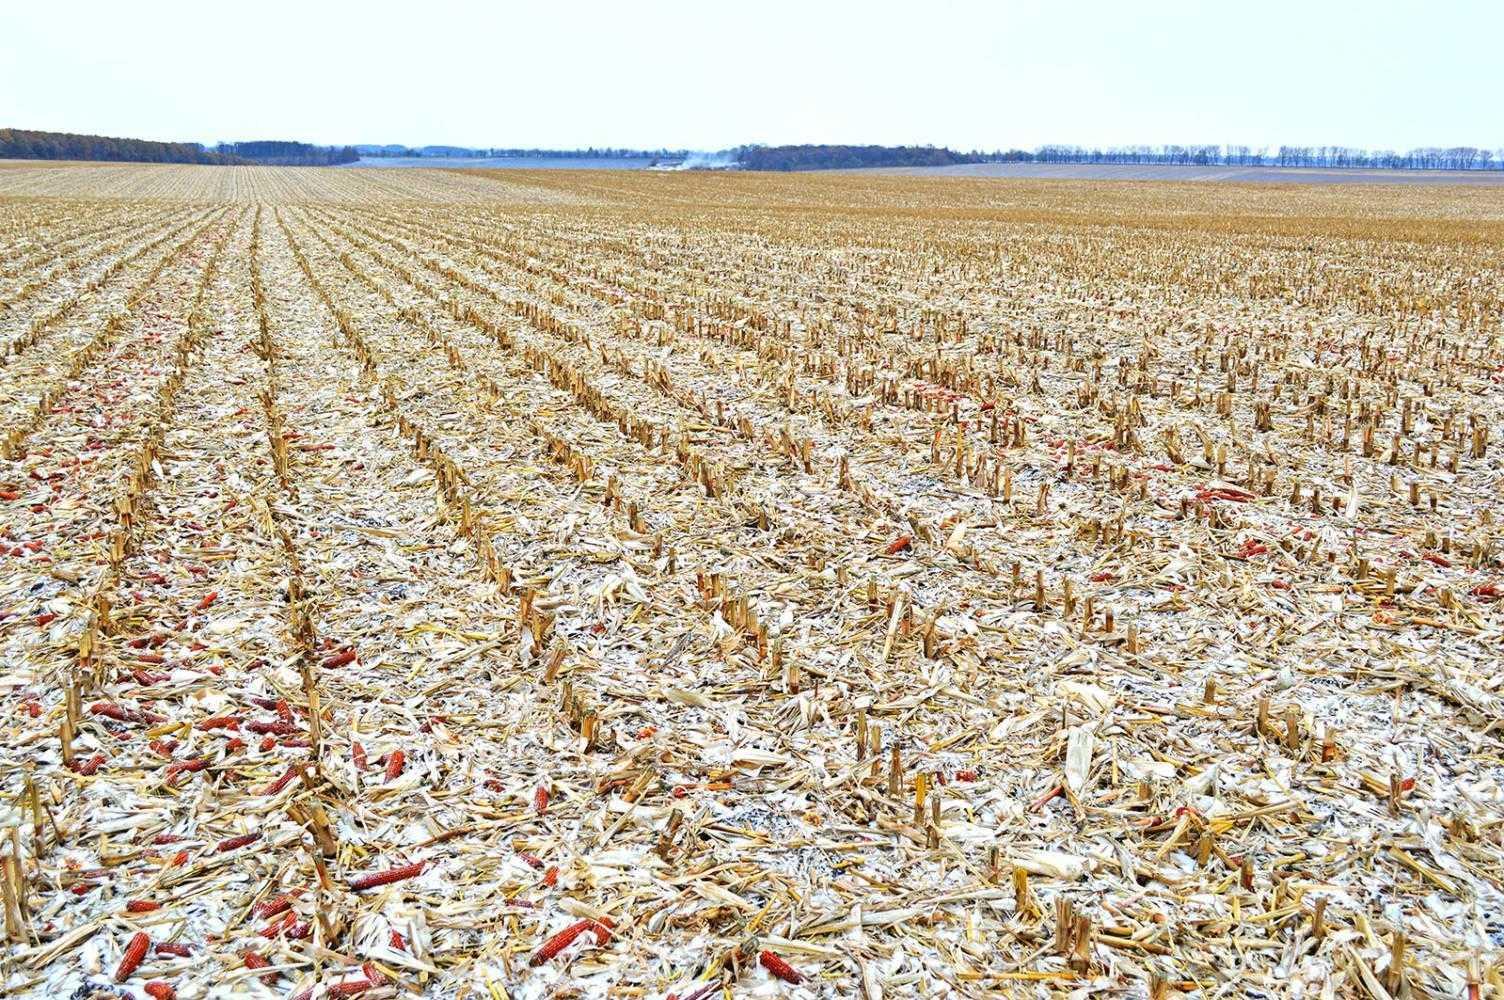 Необработанный агрофон после ячменя и кукурузы по степени аккумуляции зимних осадков почти ежегодно имел преимущество перед зяблевой вспашкой